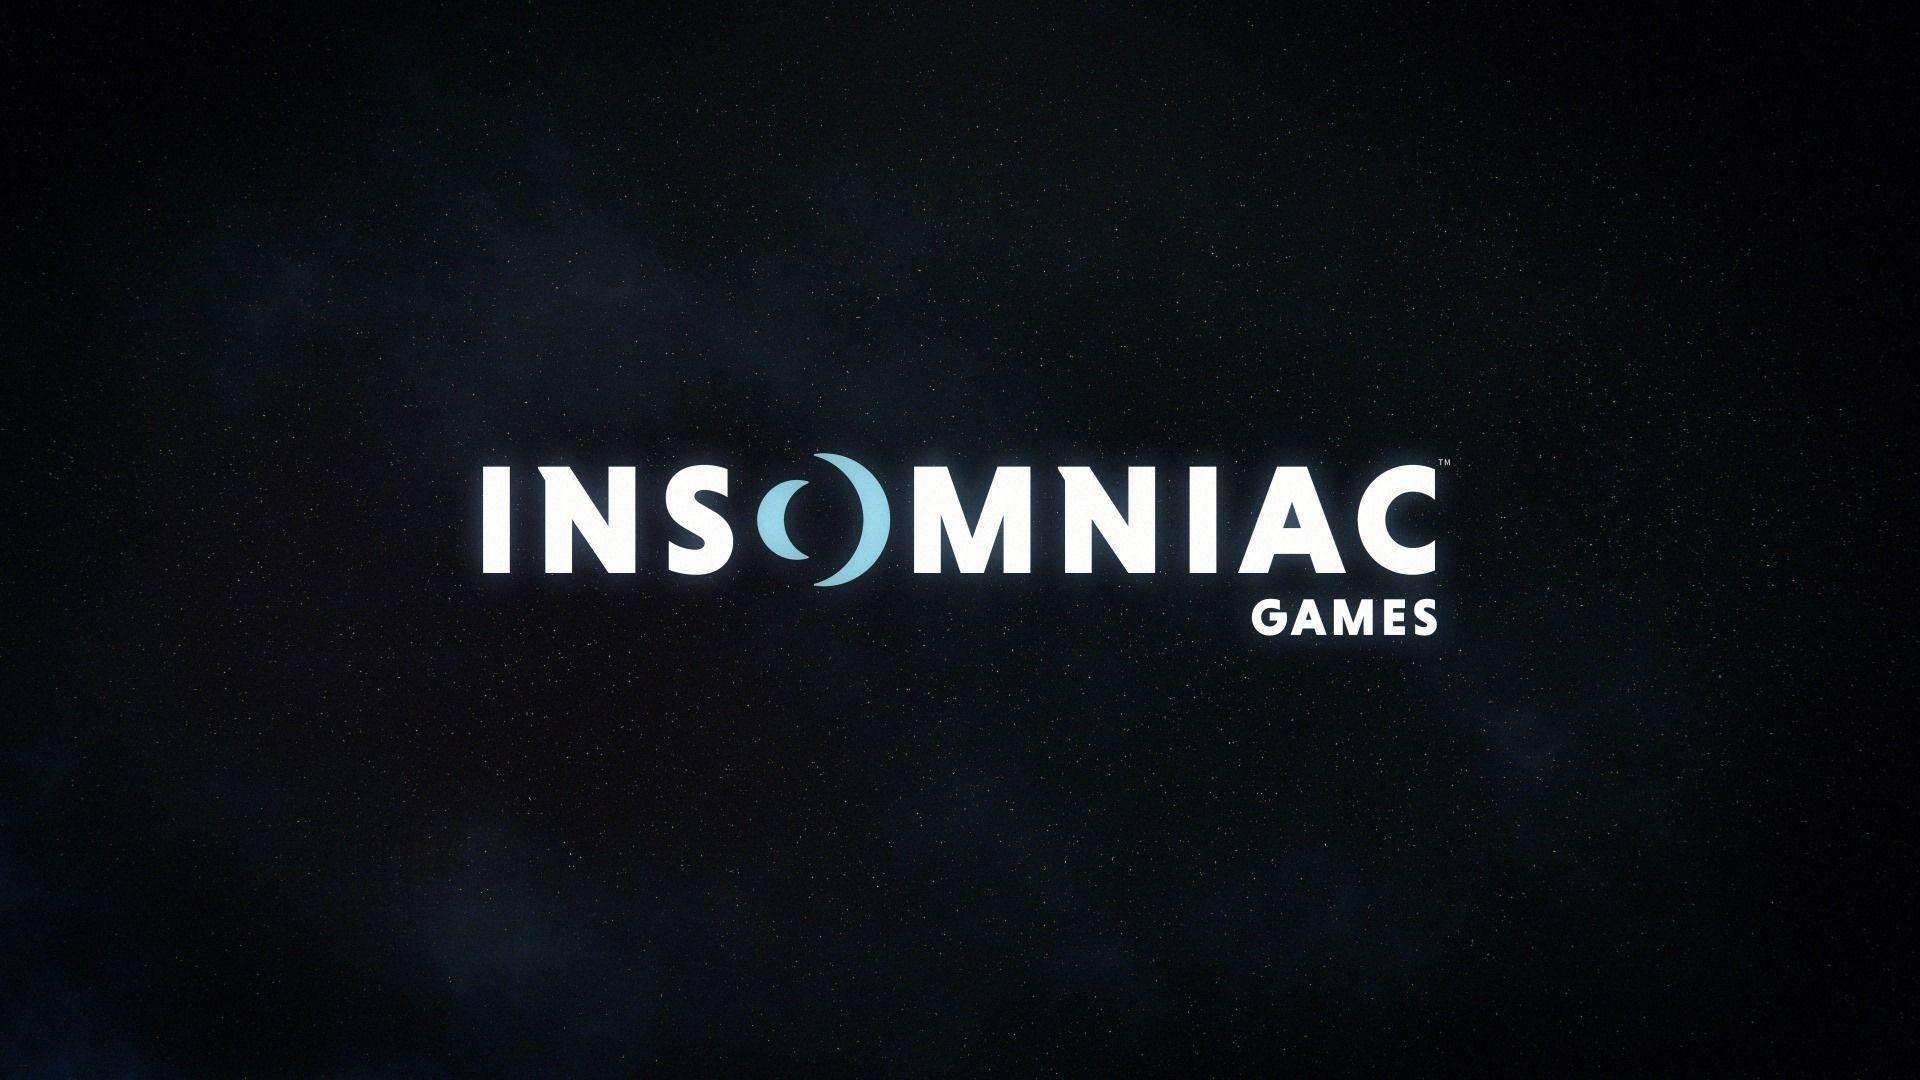 У Insomniac Games пополнение, сценарист Spec Ops: The Line присоединился к студии 2